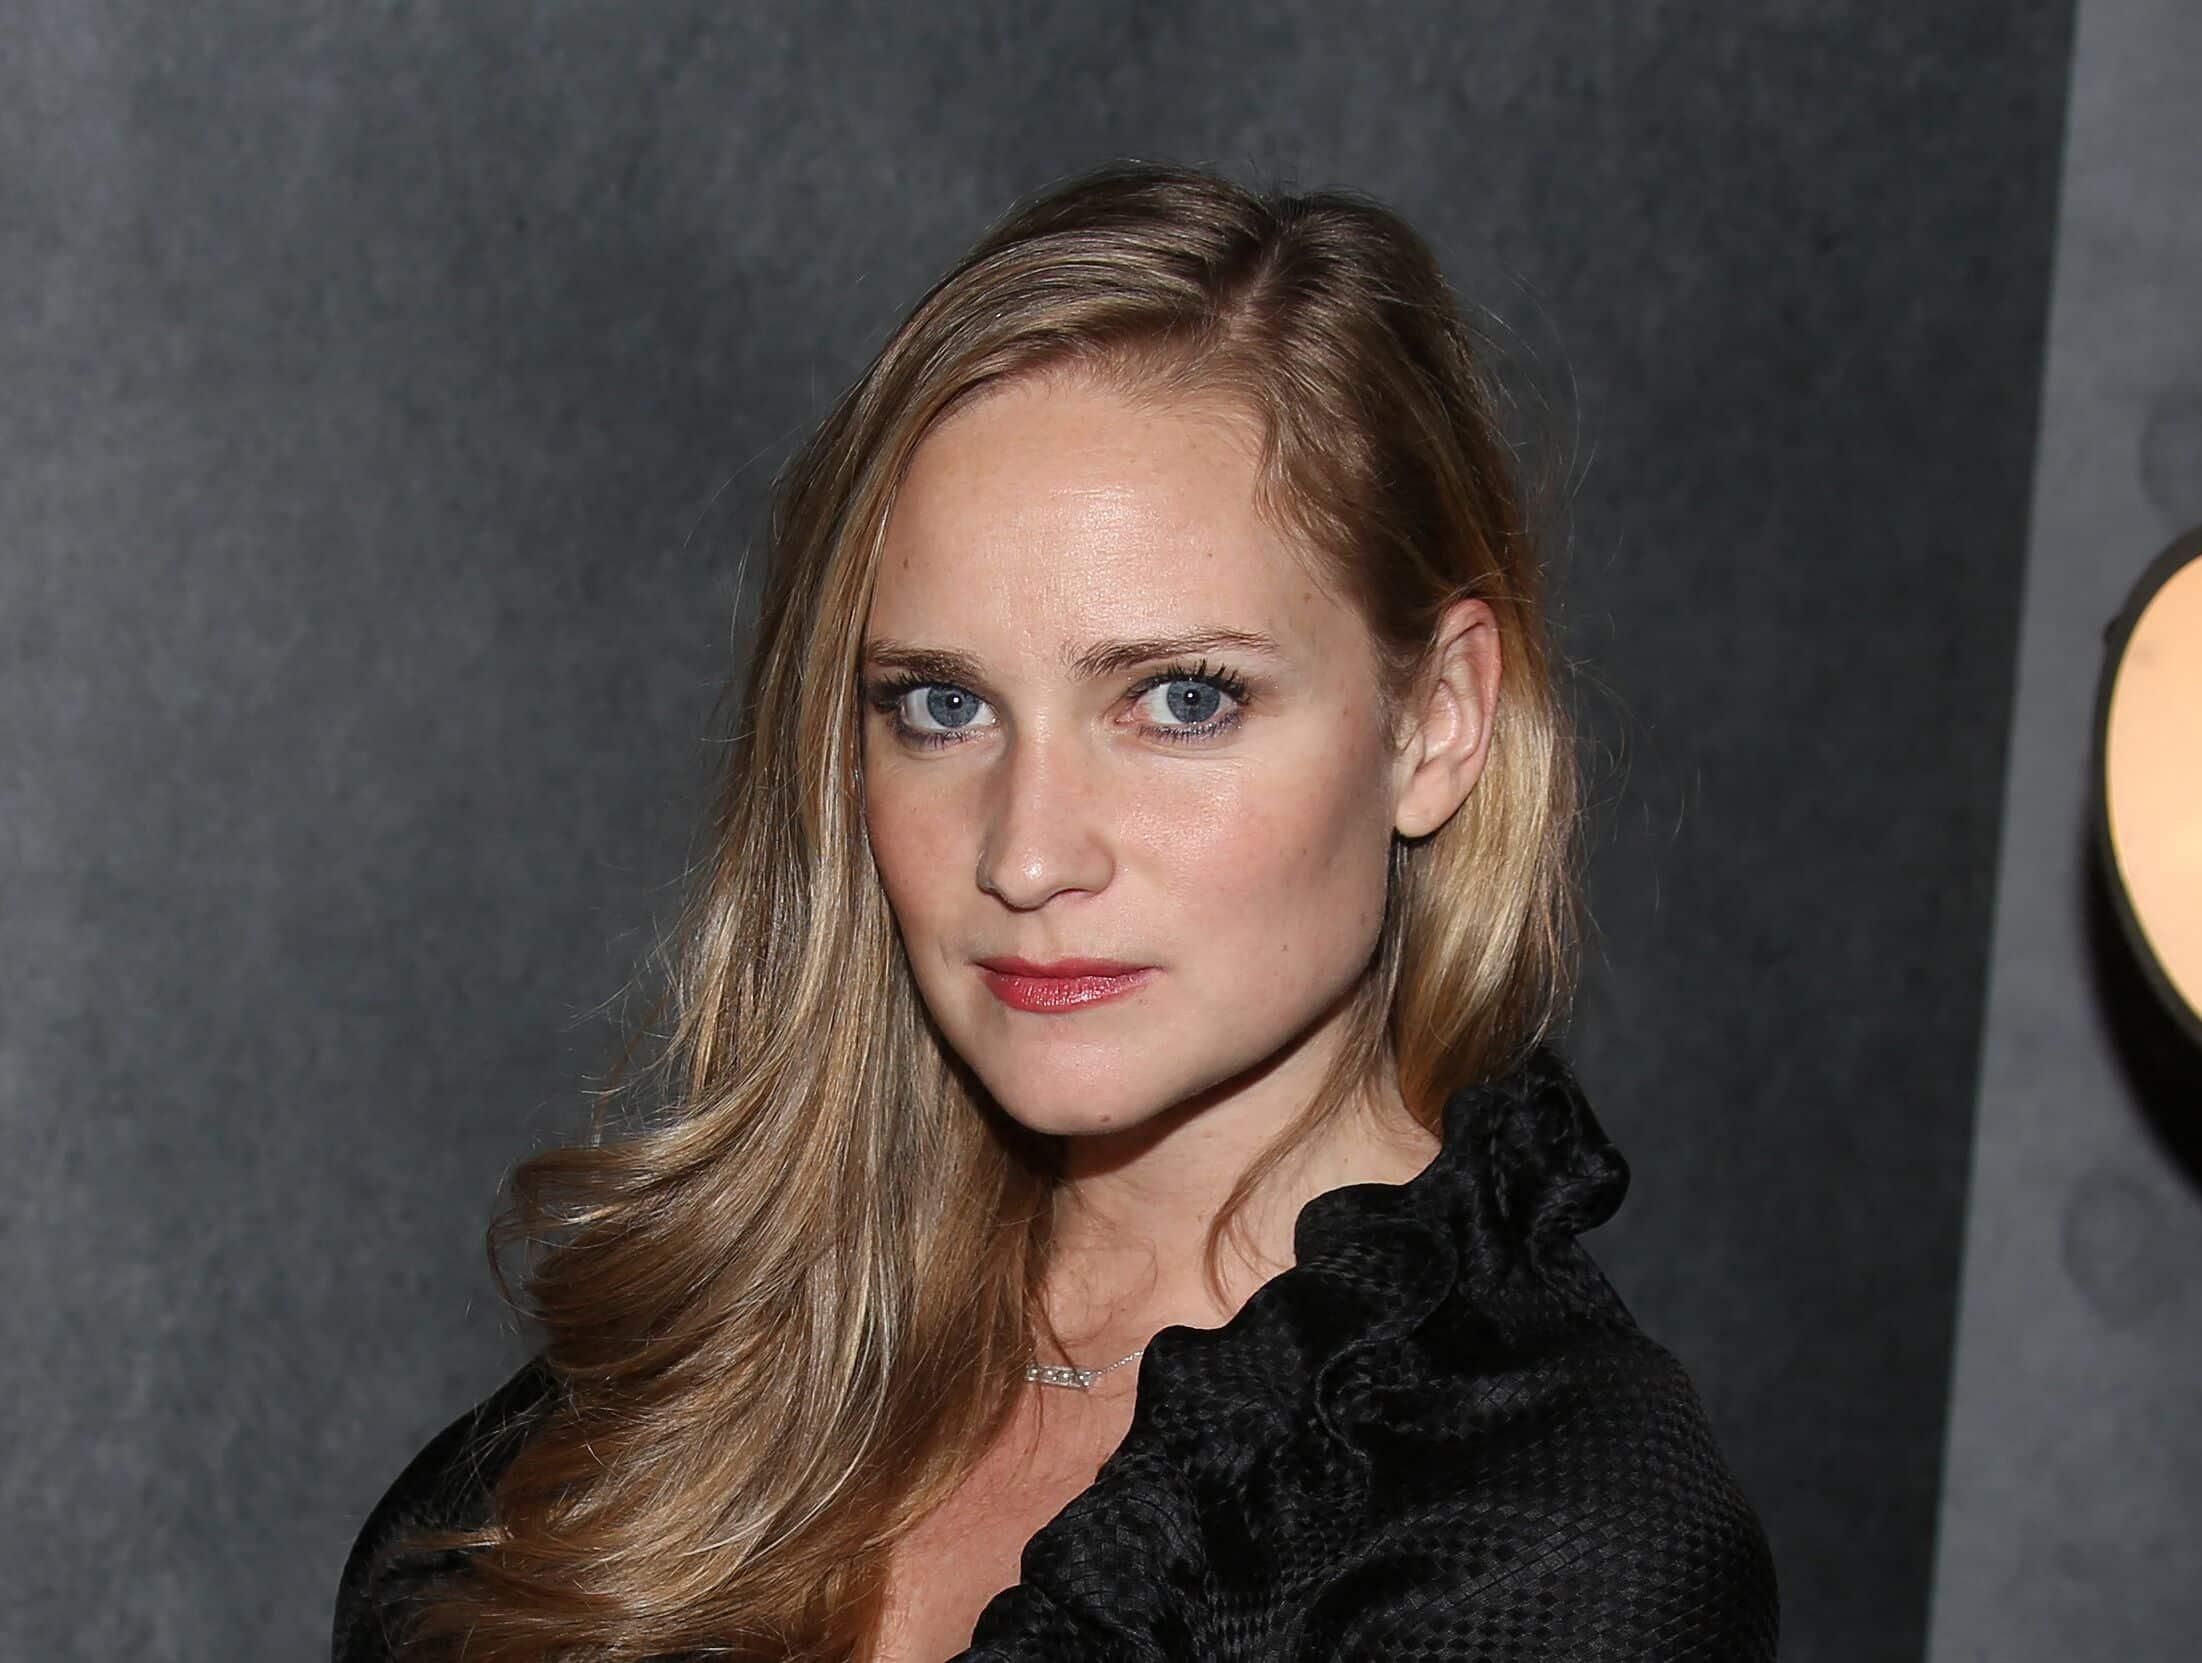 Juliette Gernez